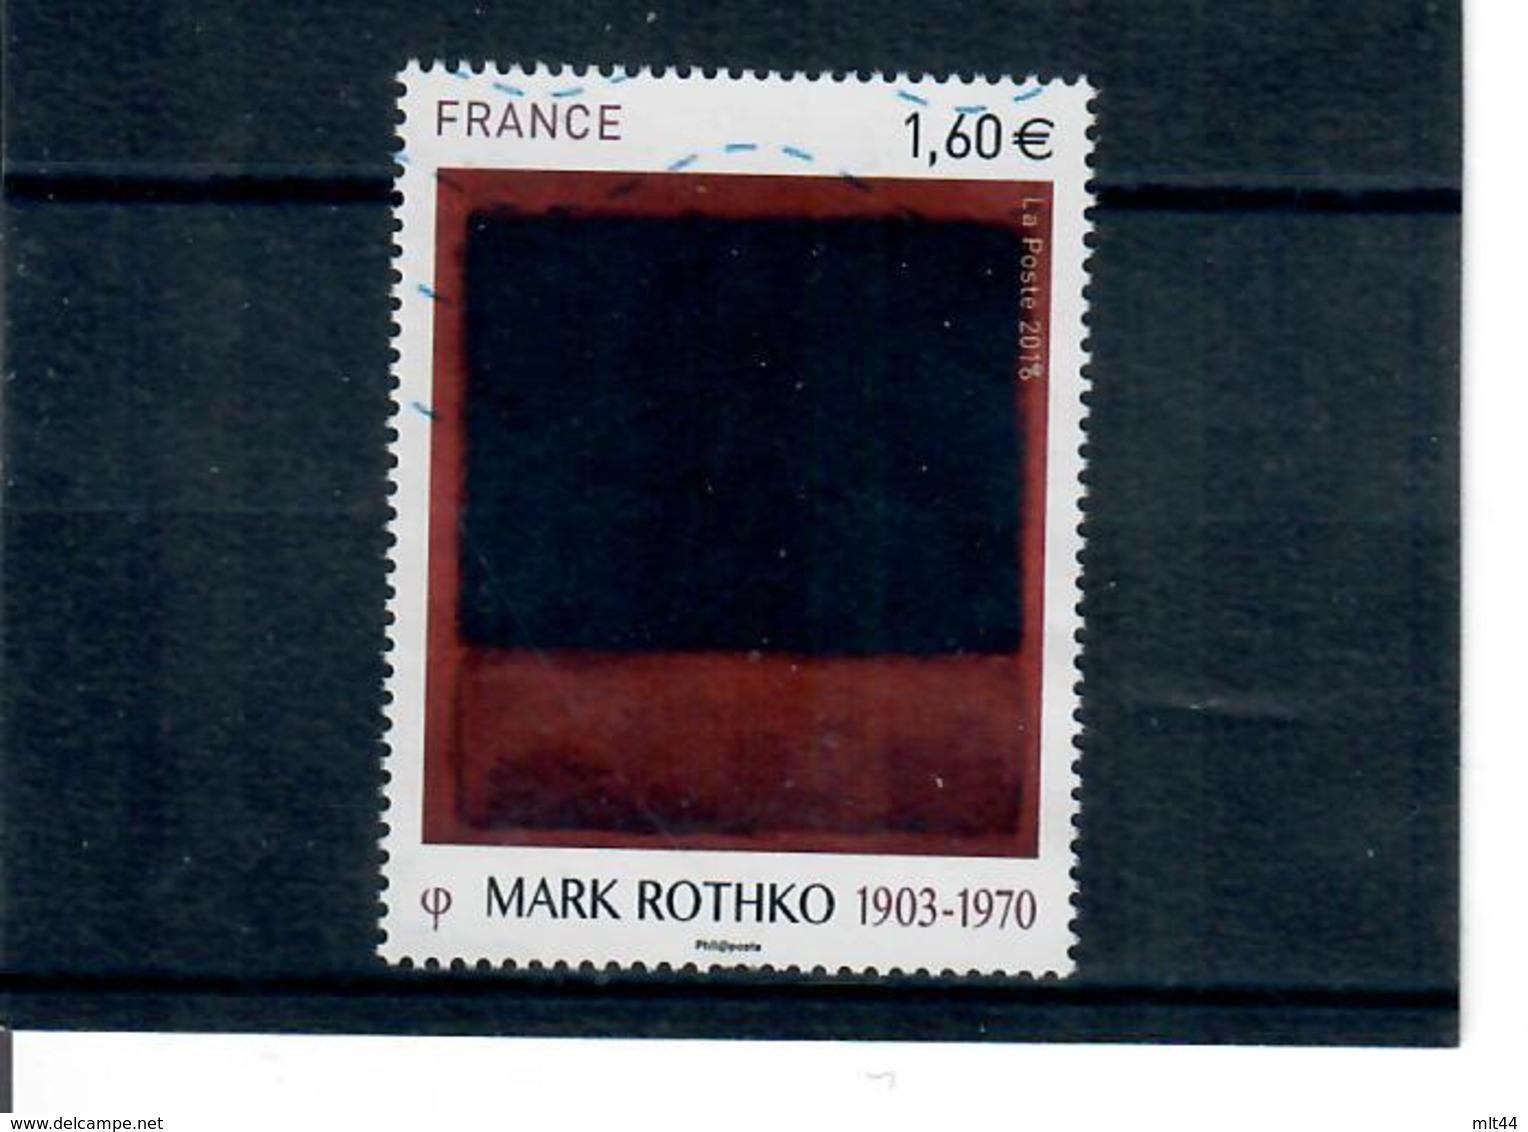 Yt 5030 Serie Artistique Mark Rothko - France